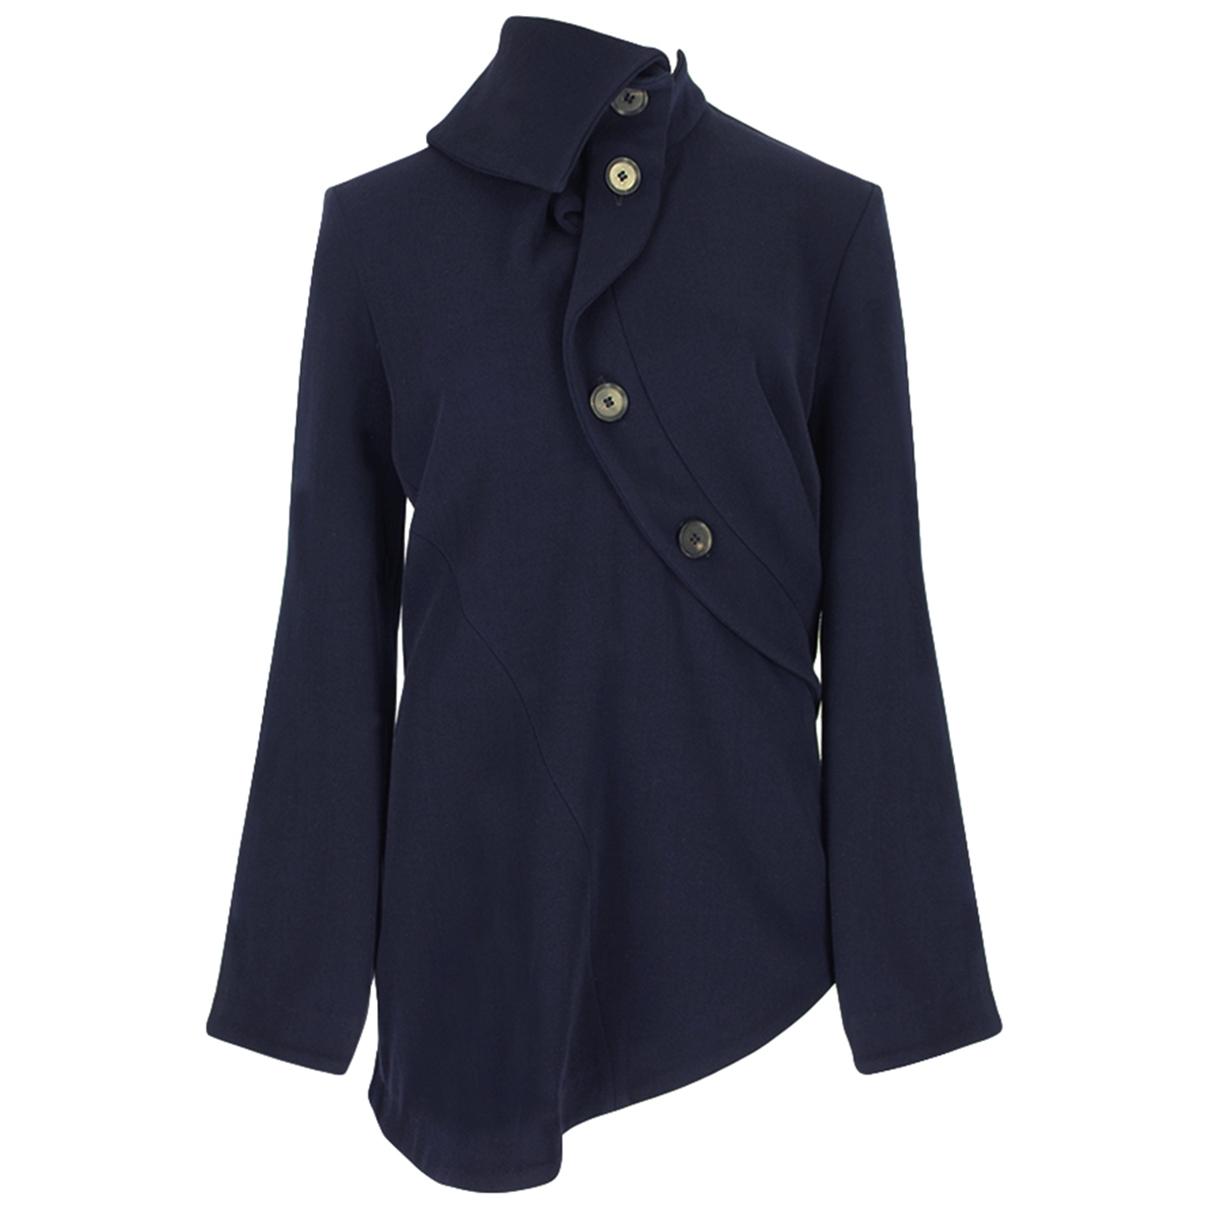 J.w. Anderson \N Navy Wool jacket for Women 38 IT